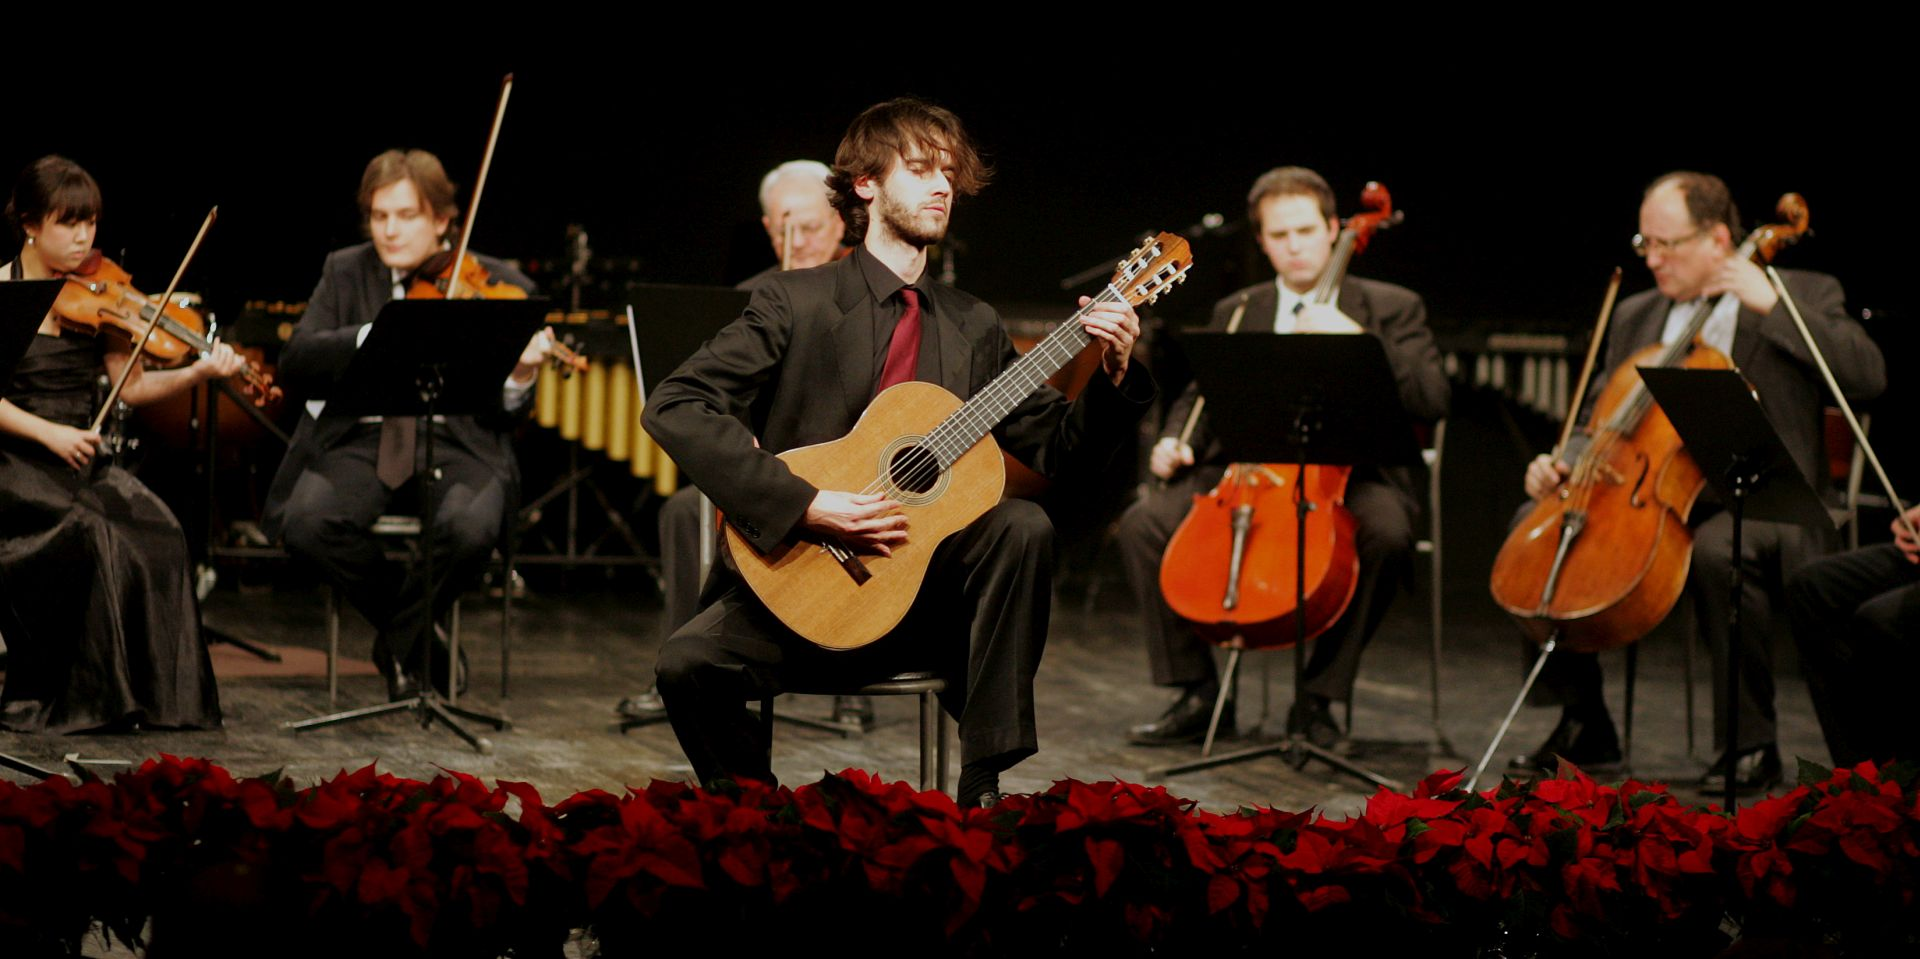 Zagrebački solisti na neobičnim lokacijama obilježavaju 65 godina od prvog koncerta